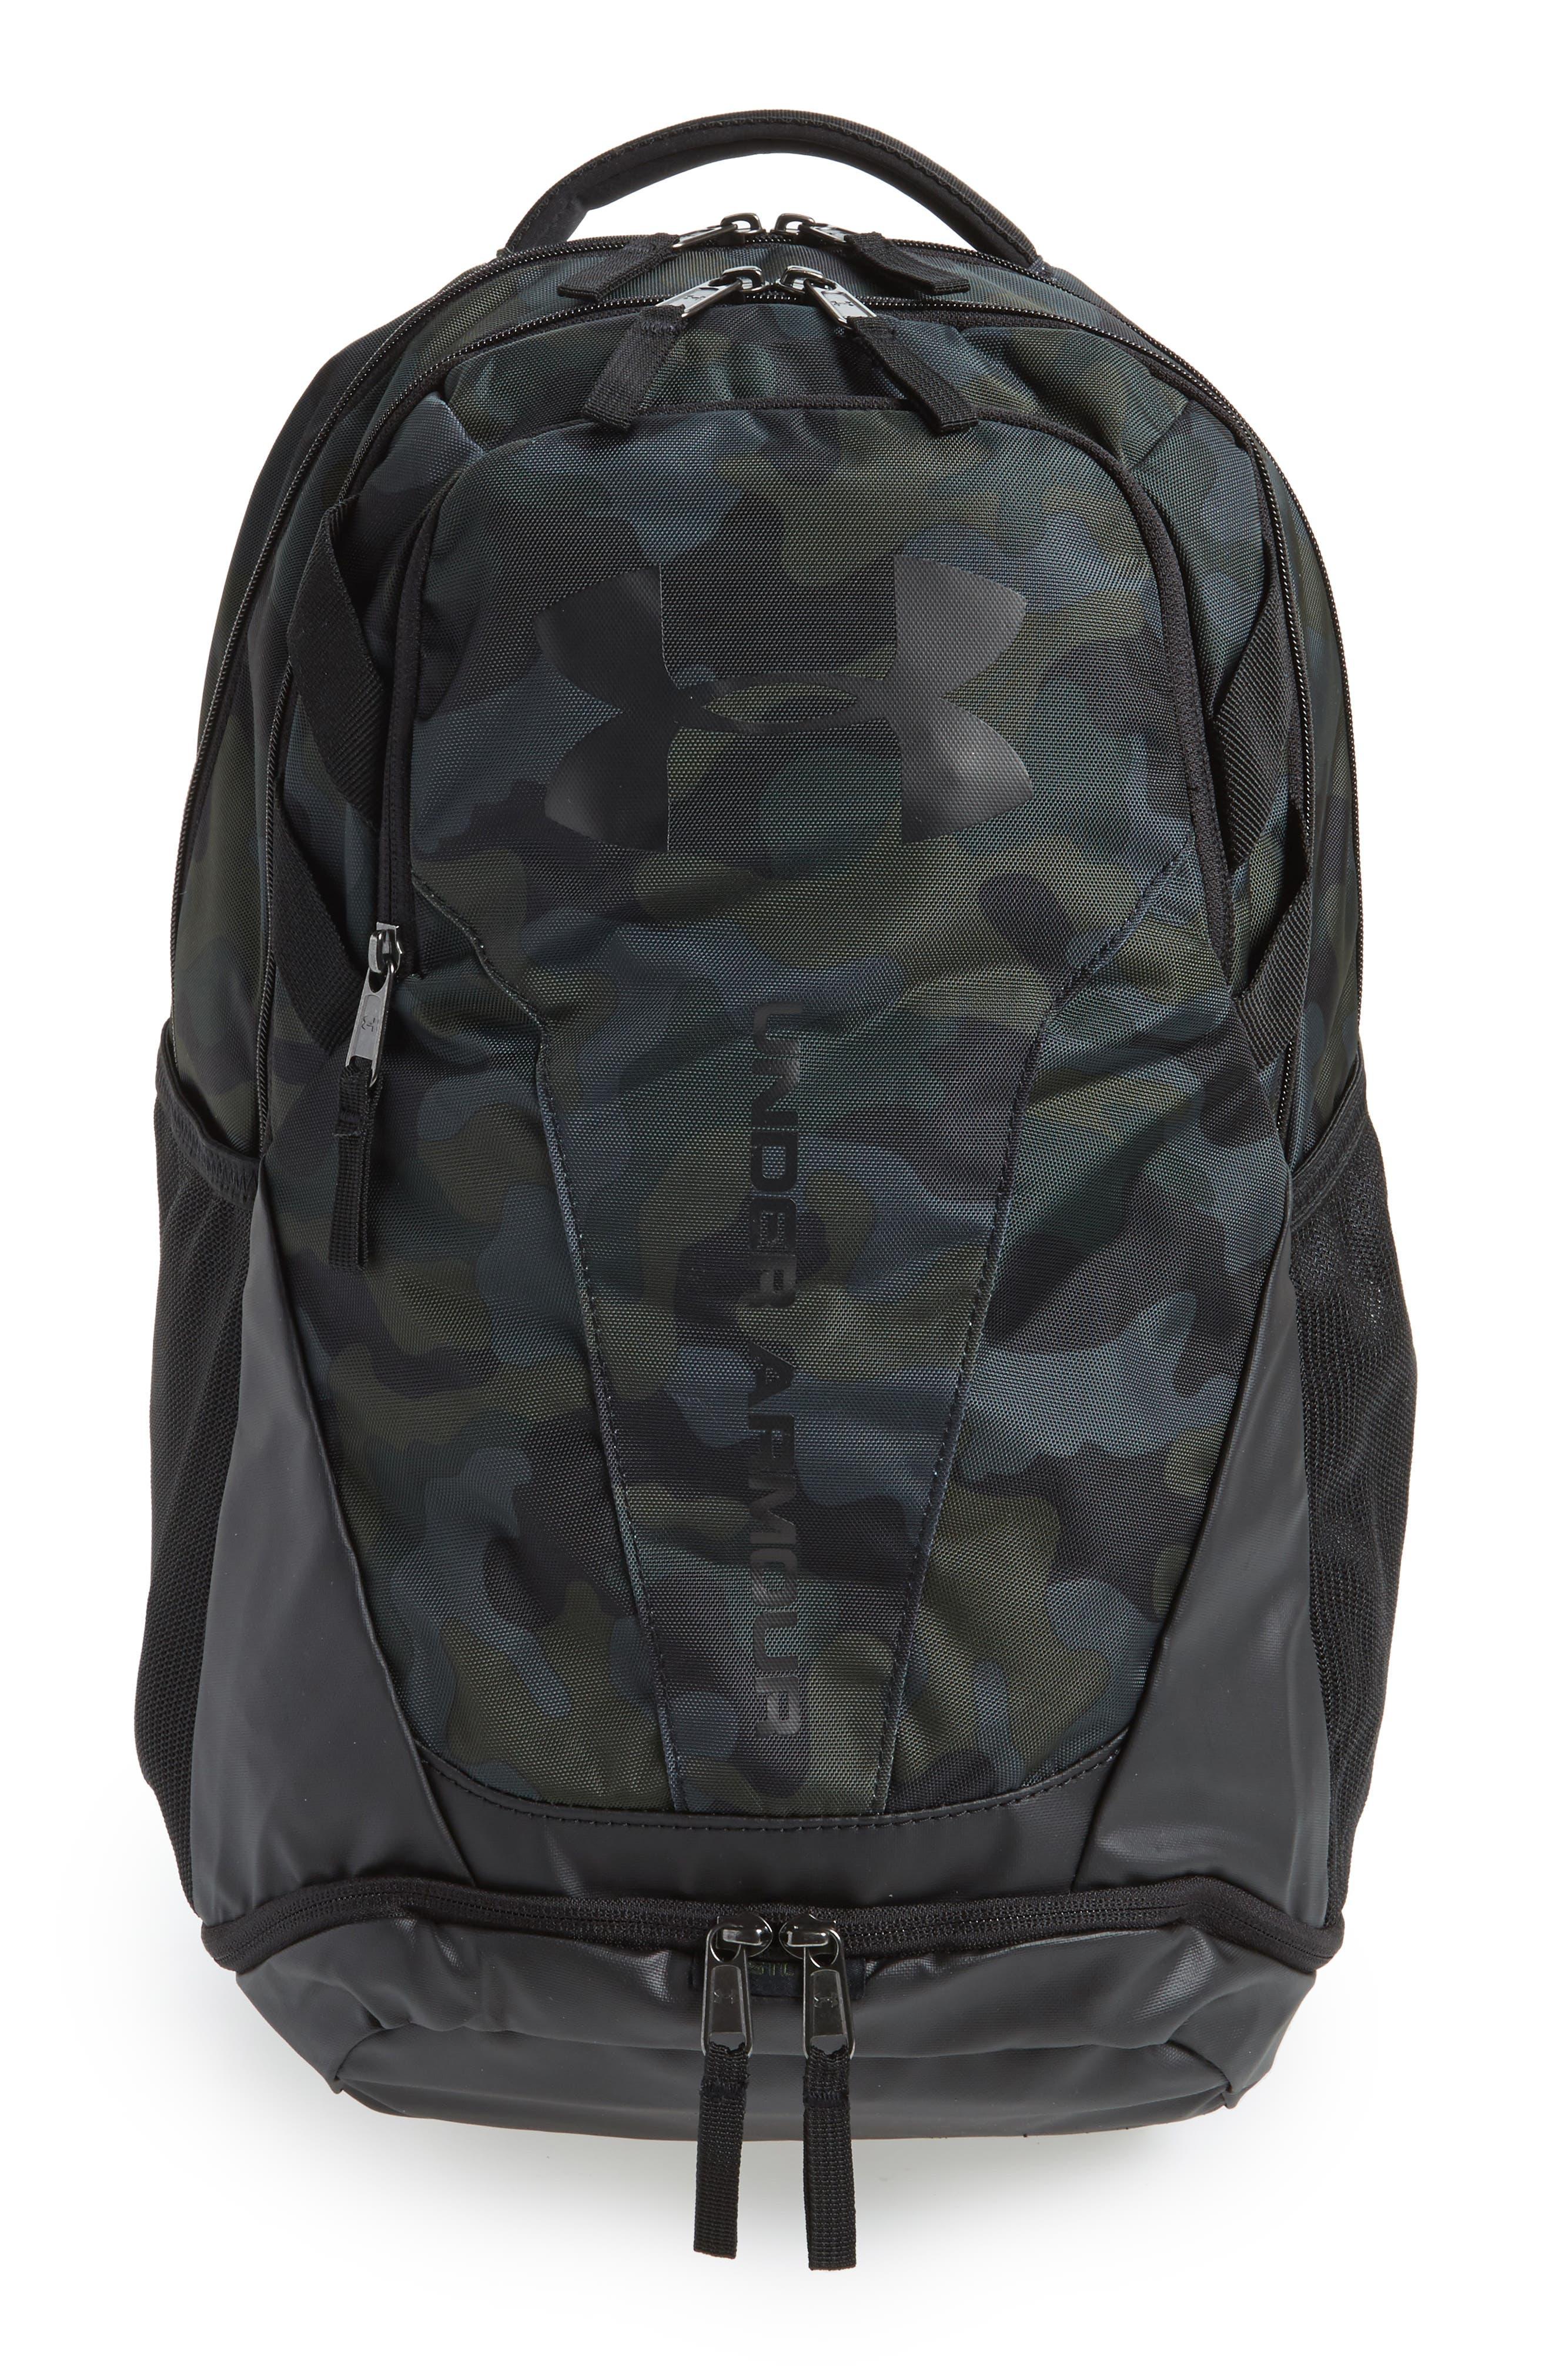 Under Armour Hustle 3.0 Backpack (Kids)